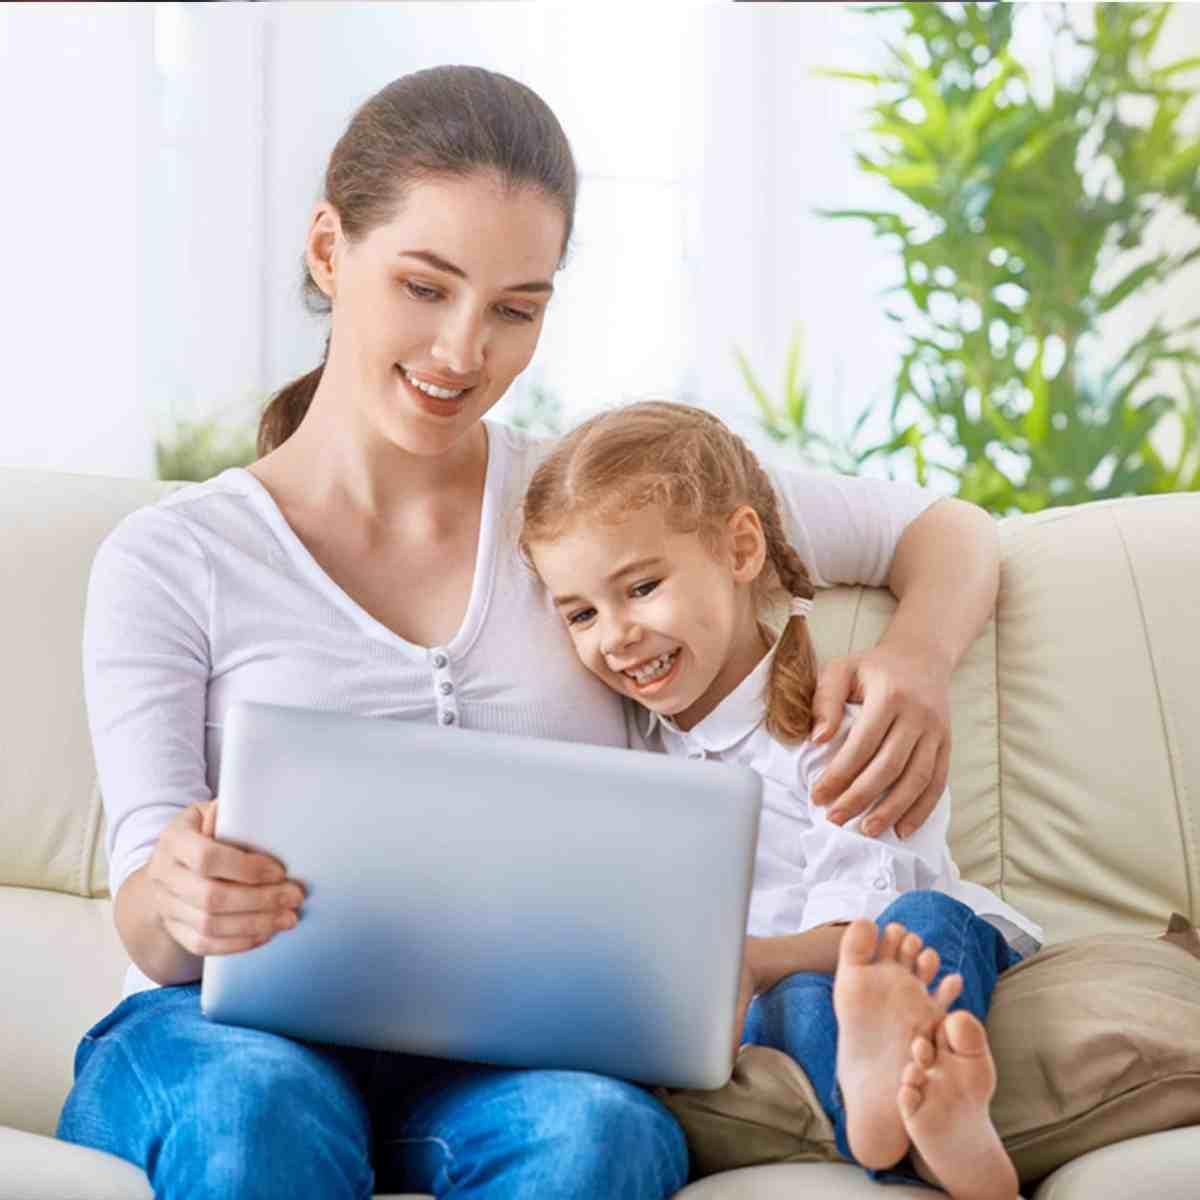 pre-school programs online for babies